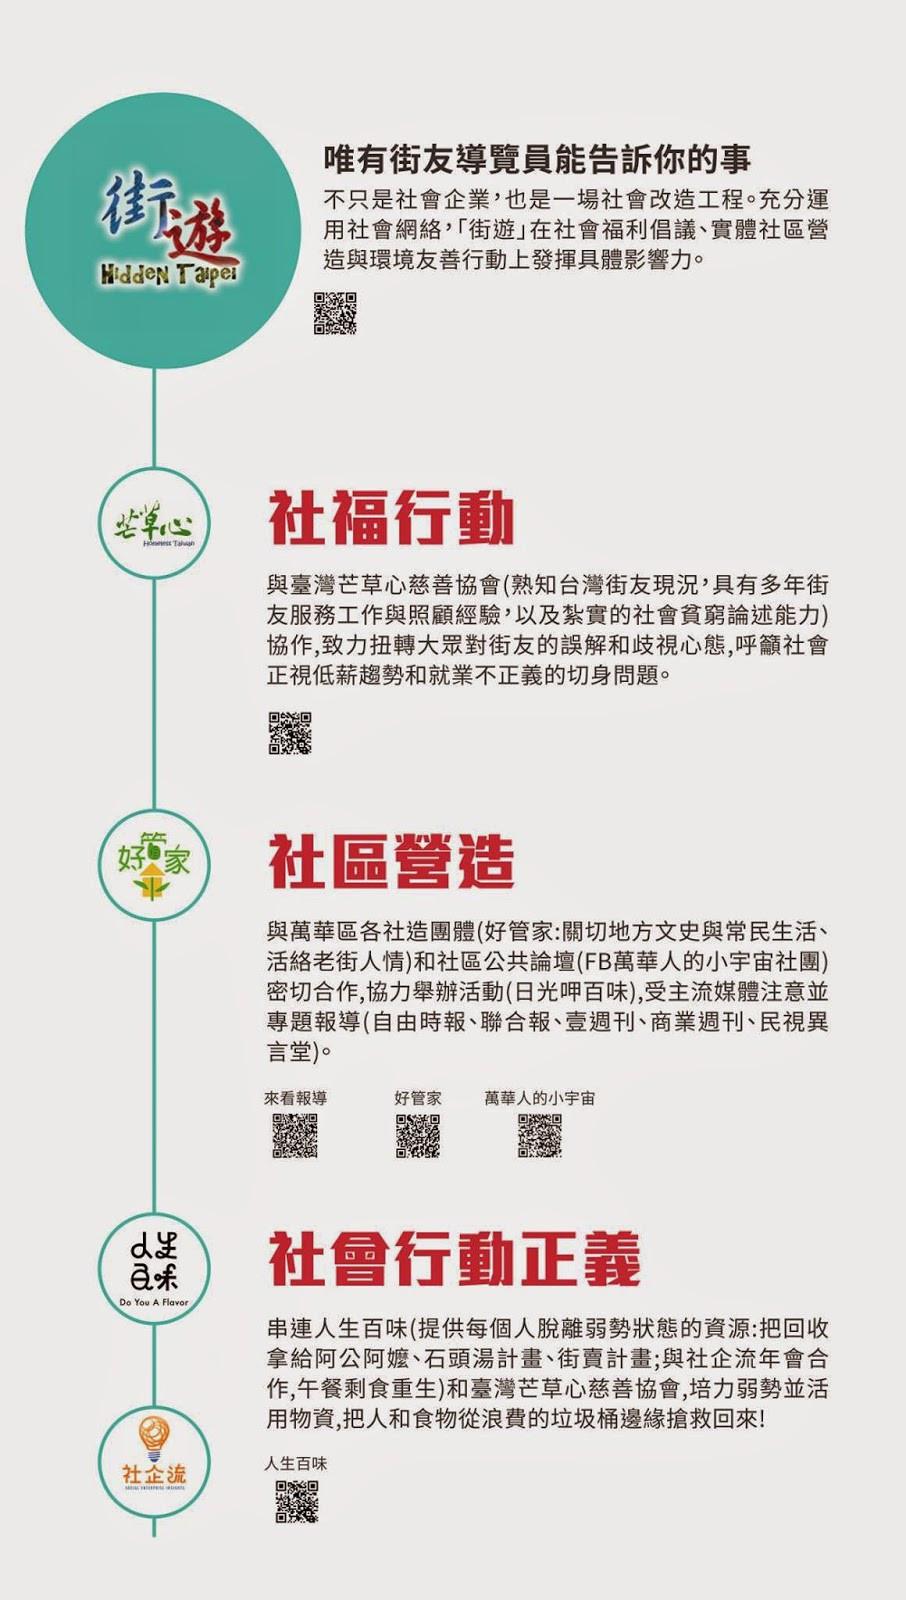 (社企流年會中展示的街遊 Hidden Taipei 的豐富面向,都來自於深扎在地的根) (文字:陳馥瑋 / 視覺呈現:朱剛勇)